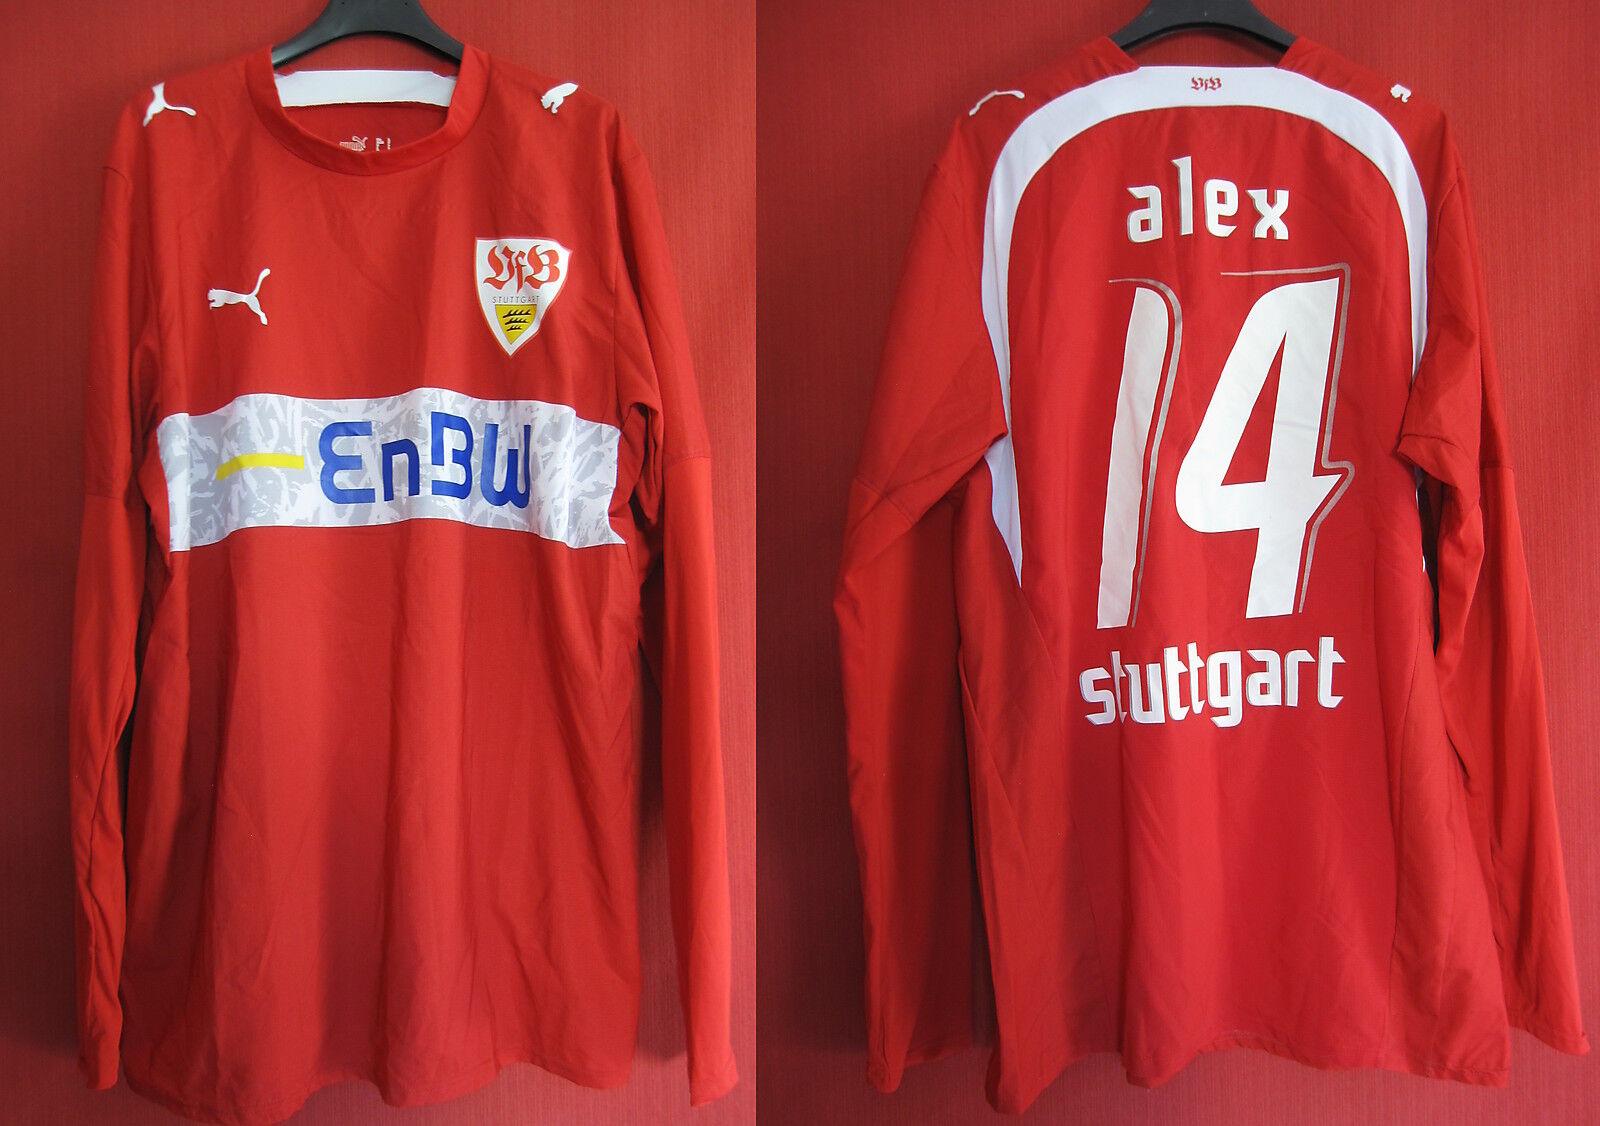 Maillot VfB Stuttgart Vintage Puma Enbw Manche Longue Alex L